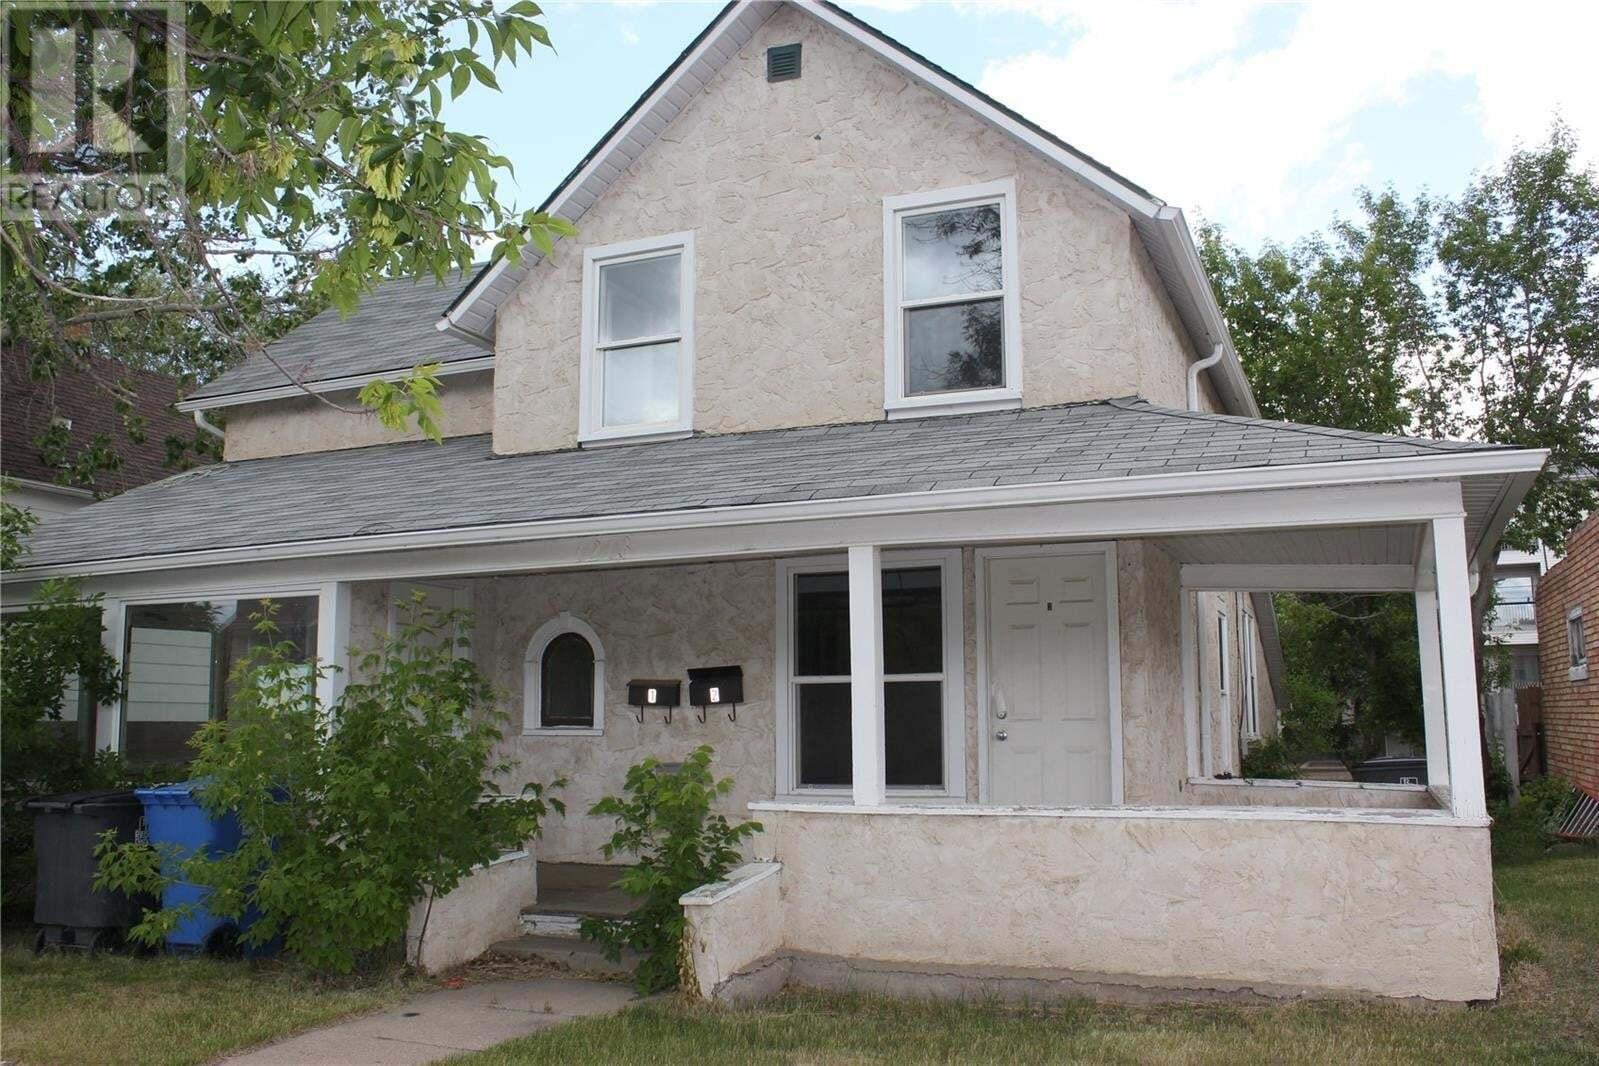 House for sale at 1213 2nd St Estevan Saskatchewan - MLS: SK830674